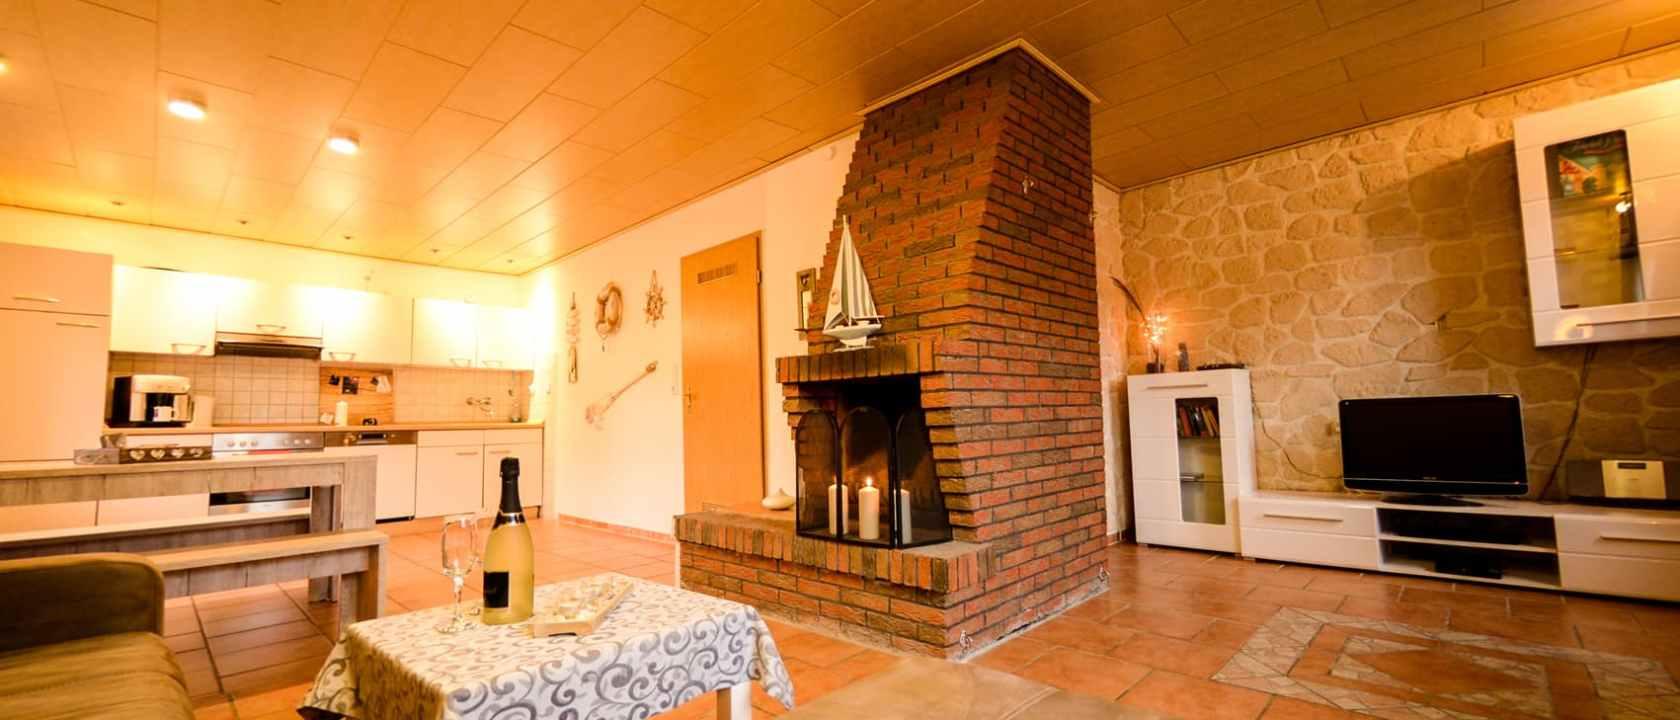 Wohnzimmer mit Kamin BDSM Ferienhaus